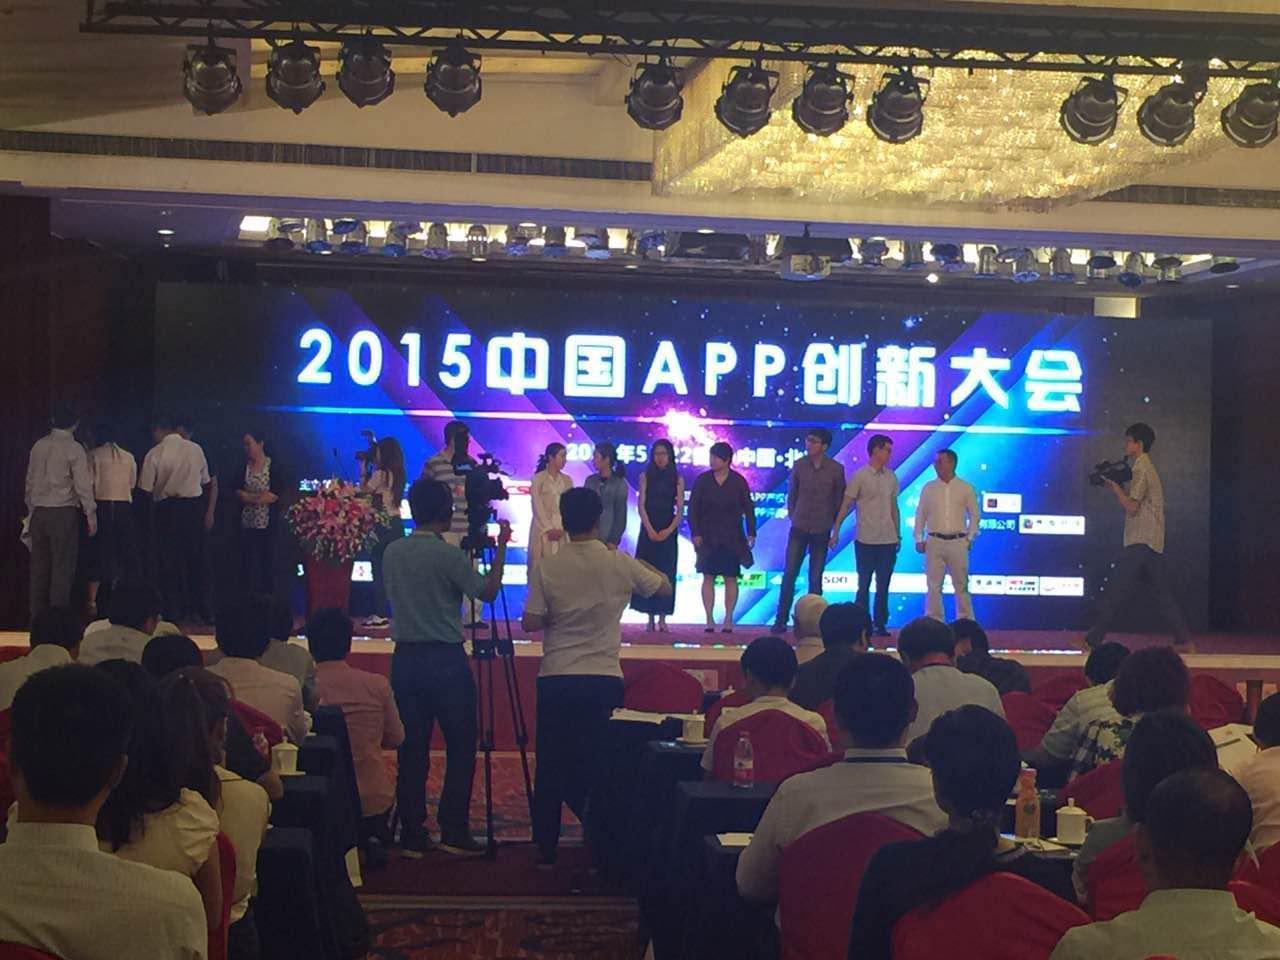 无需下载APP即可实现应用 中兴通讯(00763)与中国移动(00941)推出全球首个5G消息平台